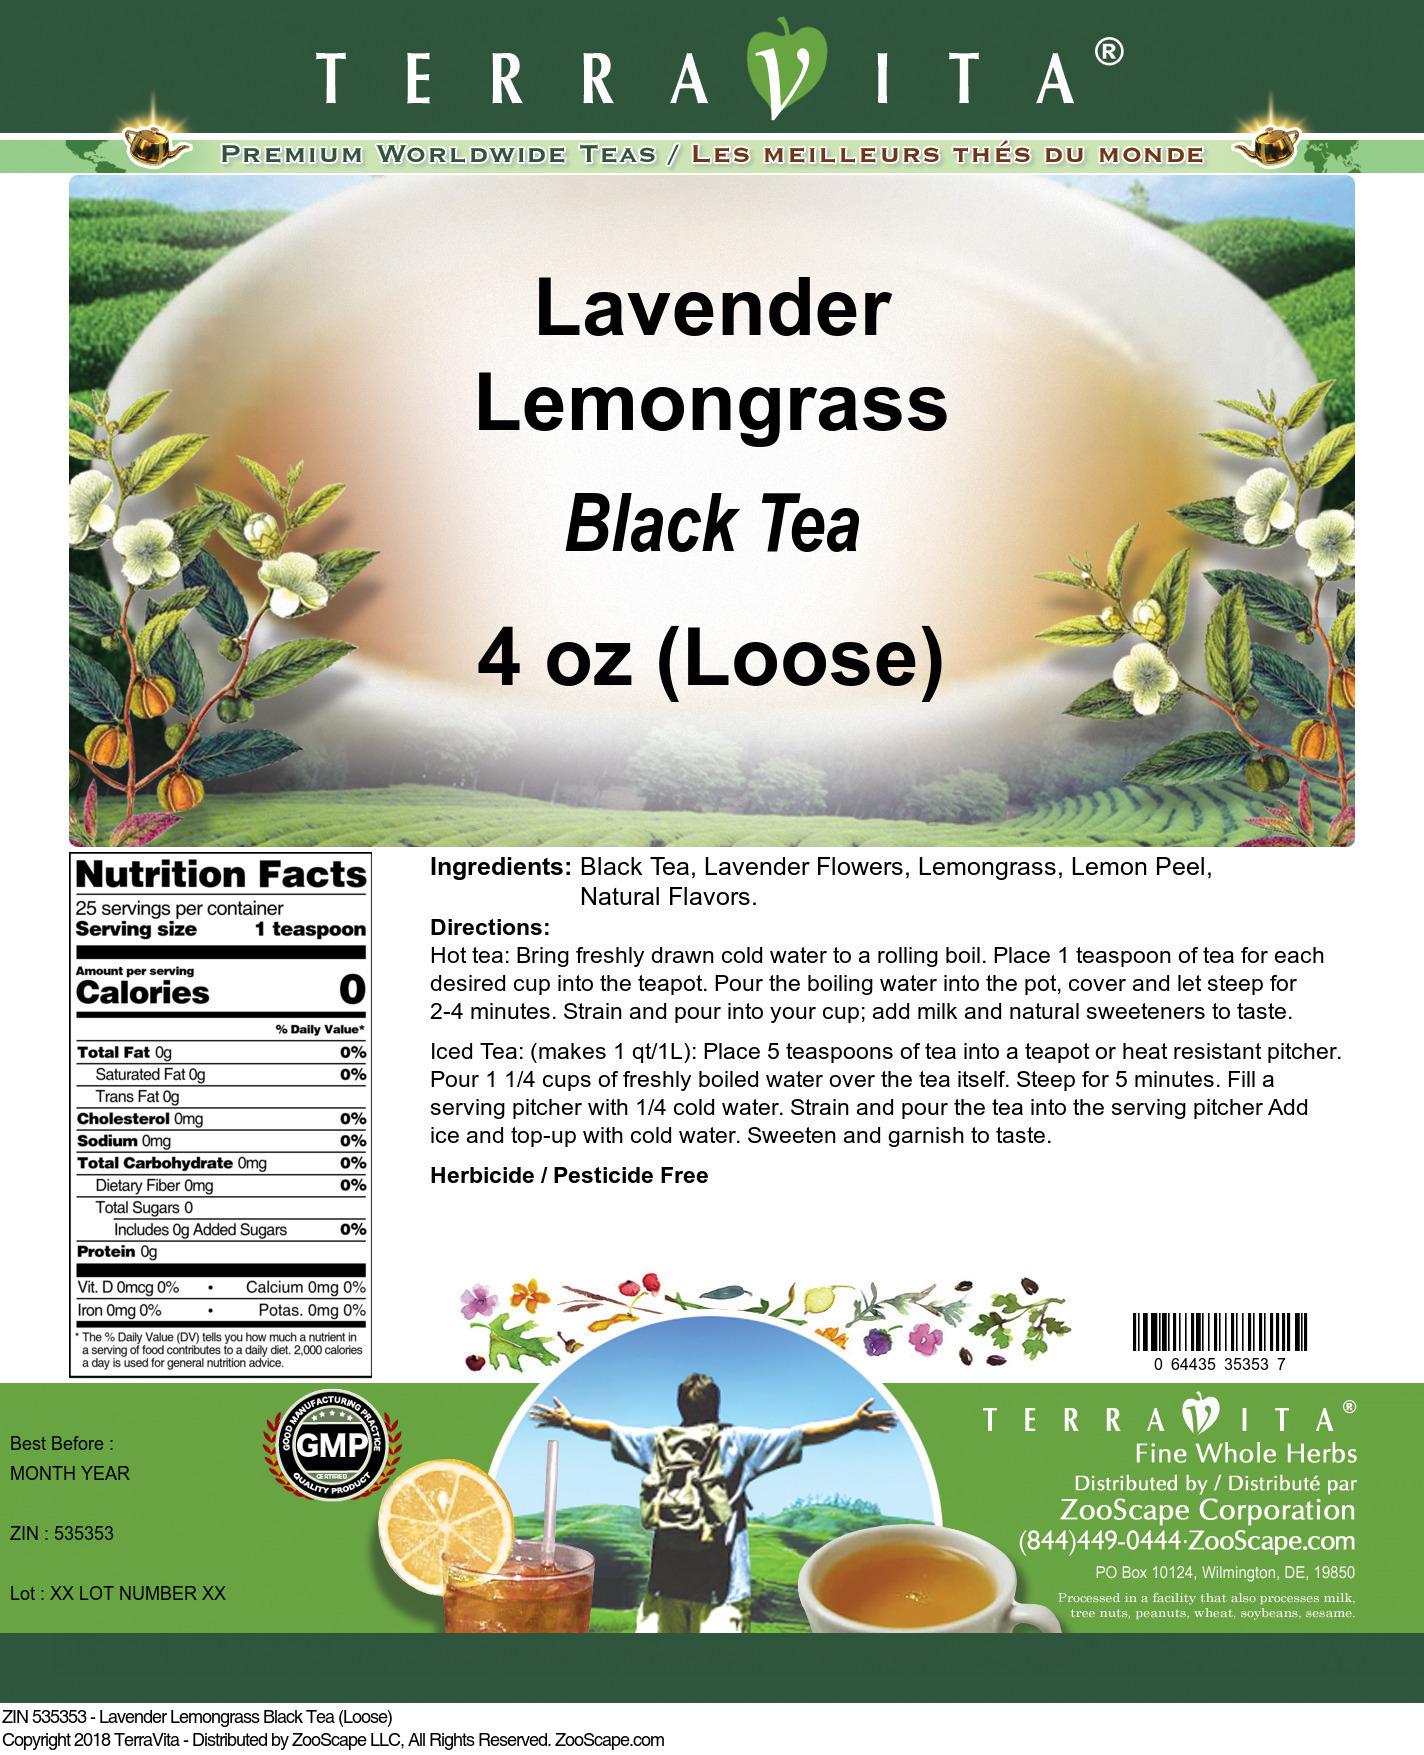 Lavender Lemongrass Black Tea